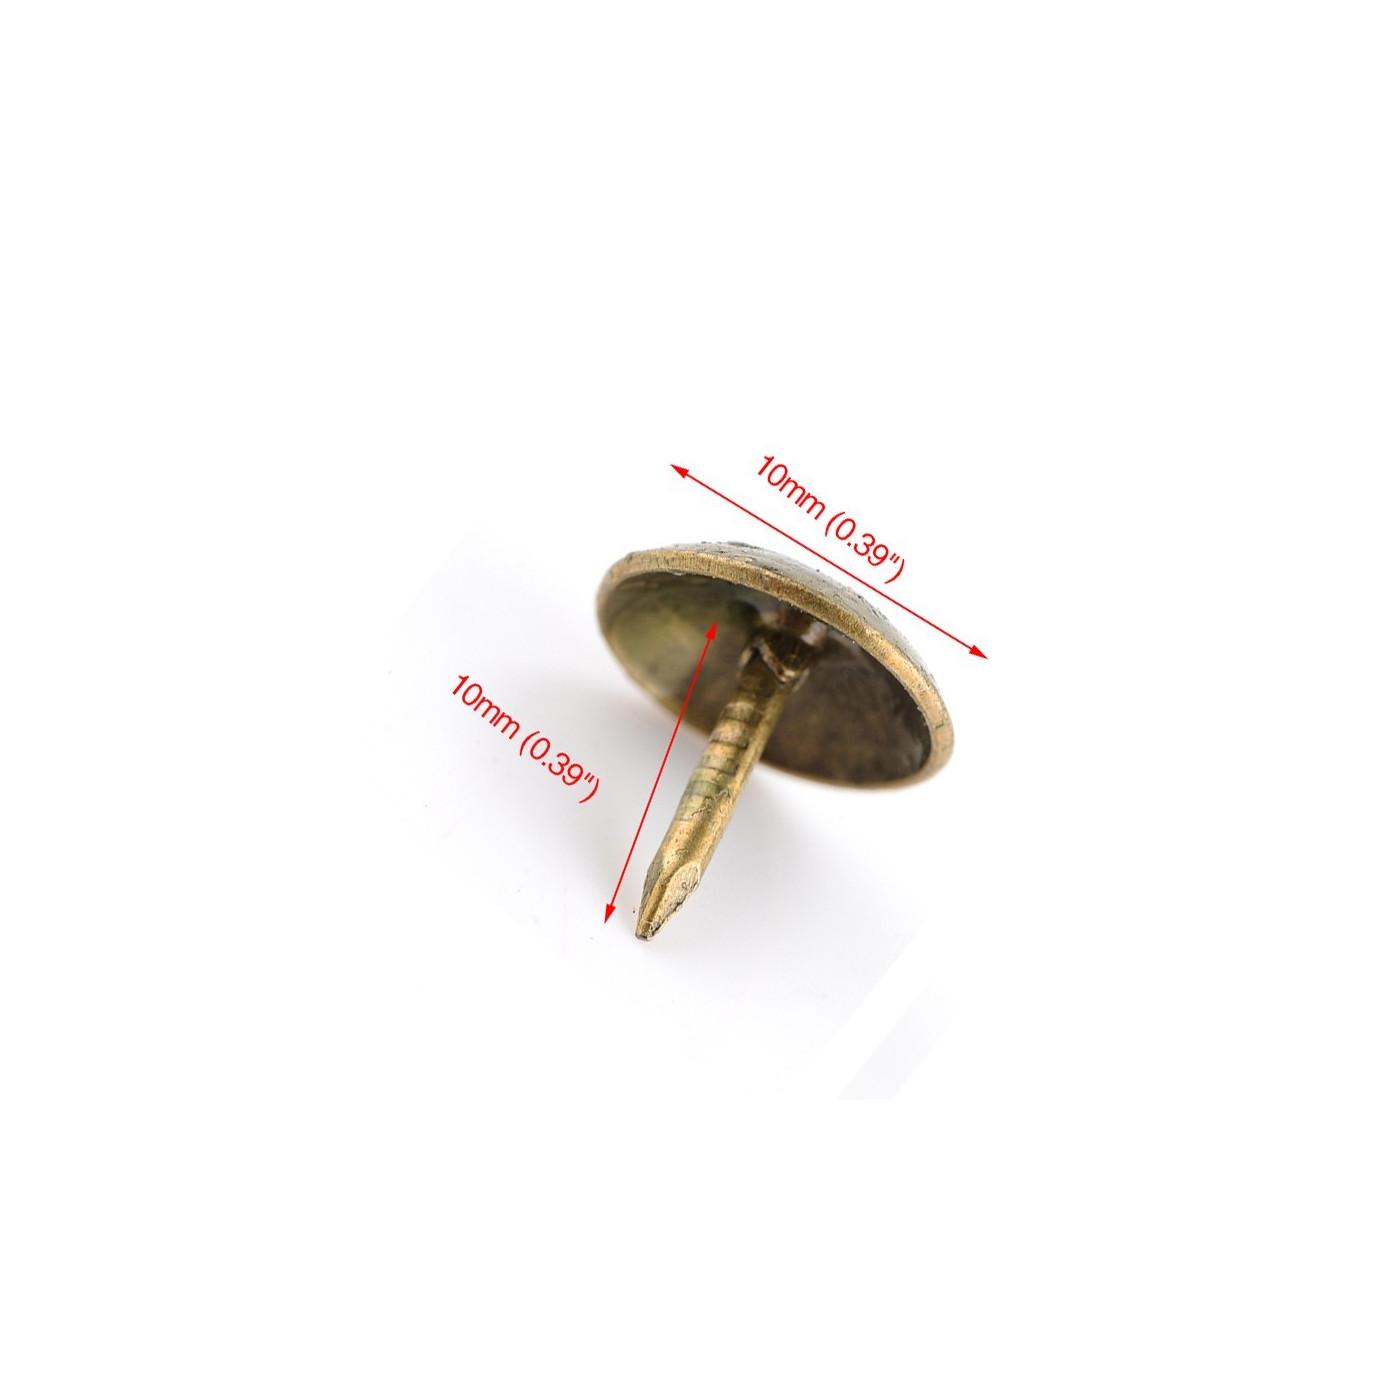 Set von 300 Stecknadeln klassisch (Möbelnägel), Bronze, 10x10 mm, Typ 2  - 1